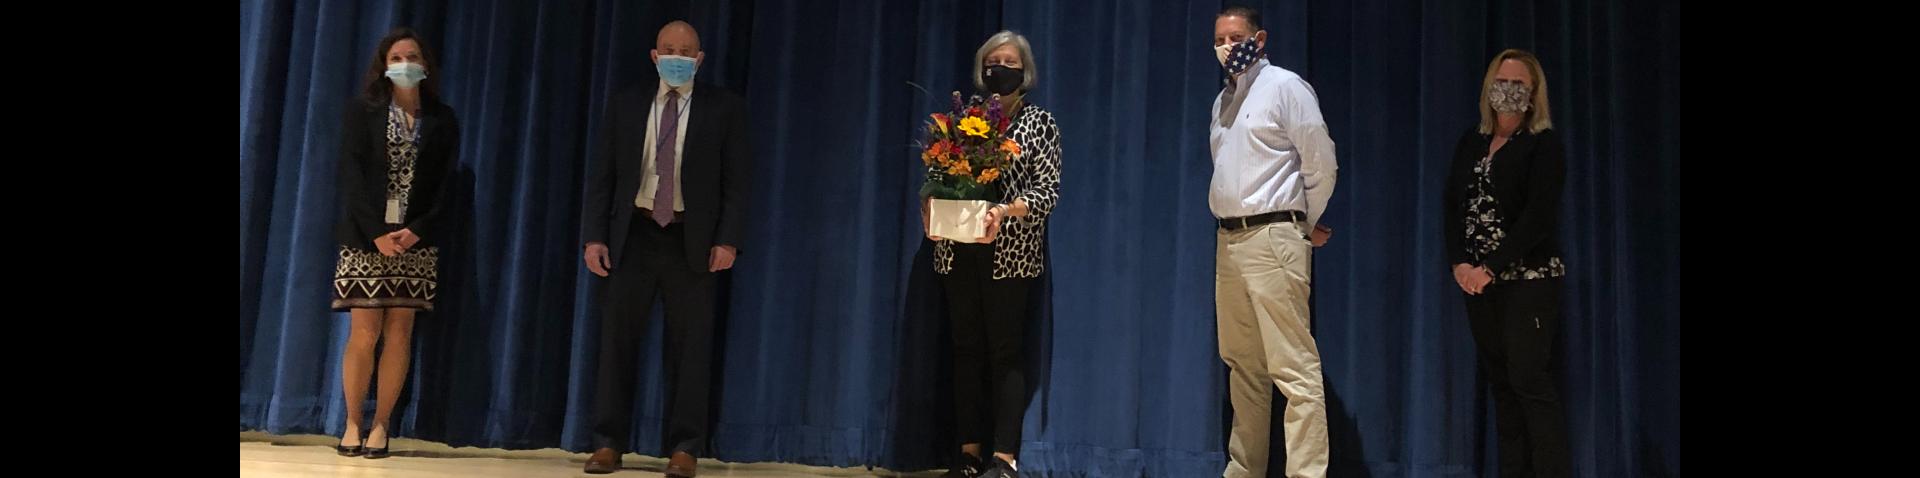 Board of Education Member, Laurie Boskie, awarded CABE's Certified Board of Education Member designation